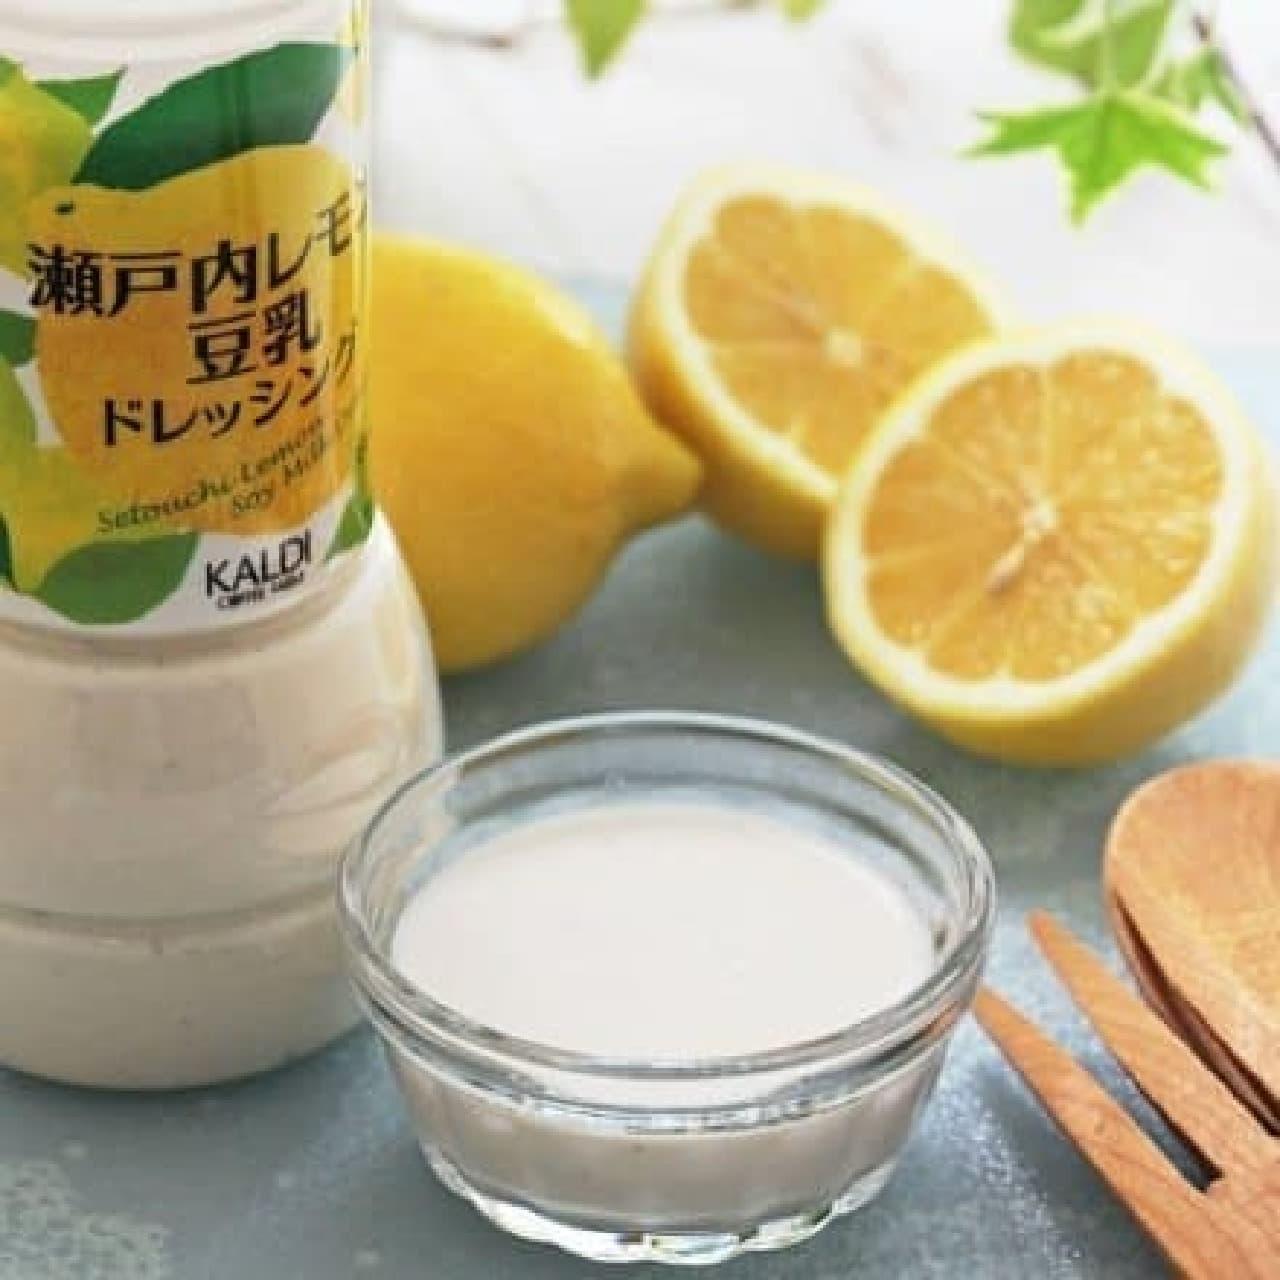 カルディコーヒーファーム「オリジナル 瀬戸内レモン豆乳ドレッシング」